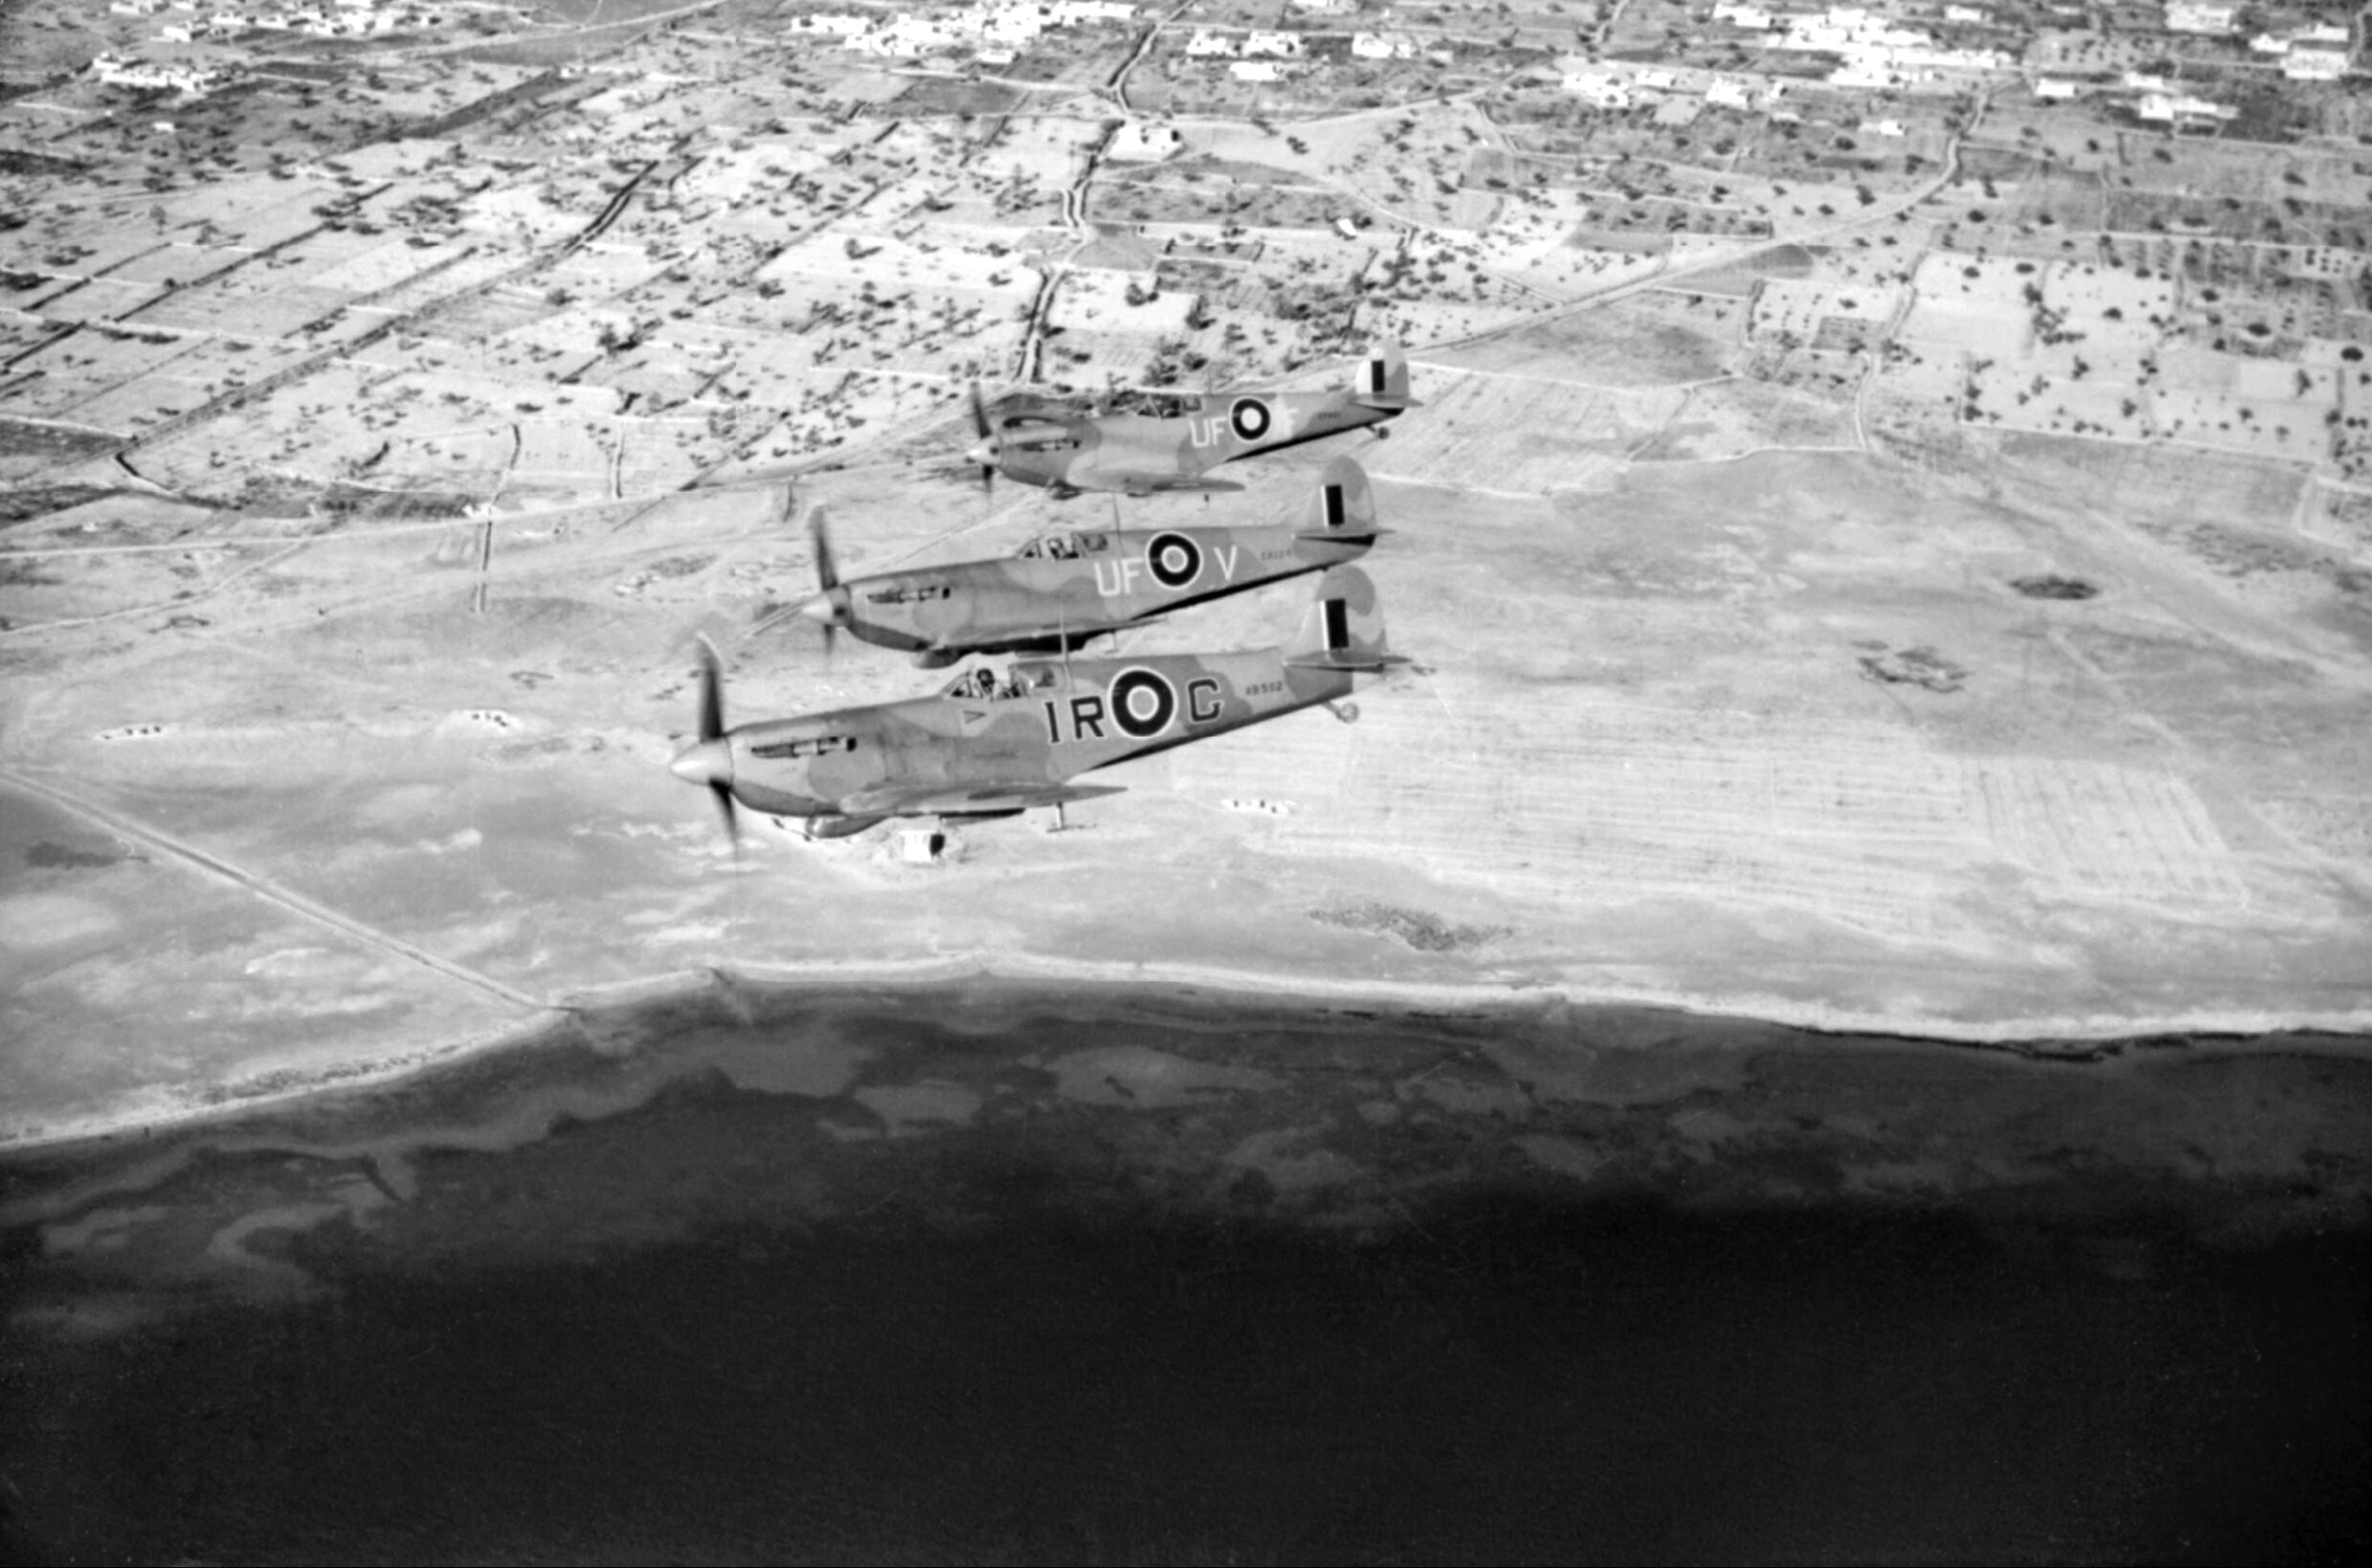 Spitfire LFVb RAF 601Sqn IRG AB502 UFV ER220 UFF EP481 off the Tunisian coast IWM CNA821